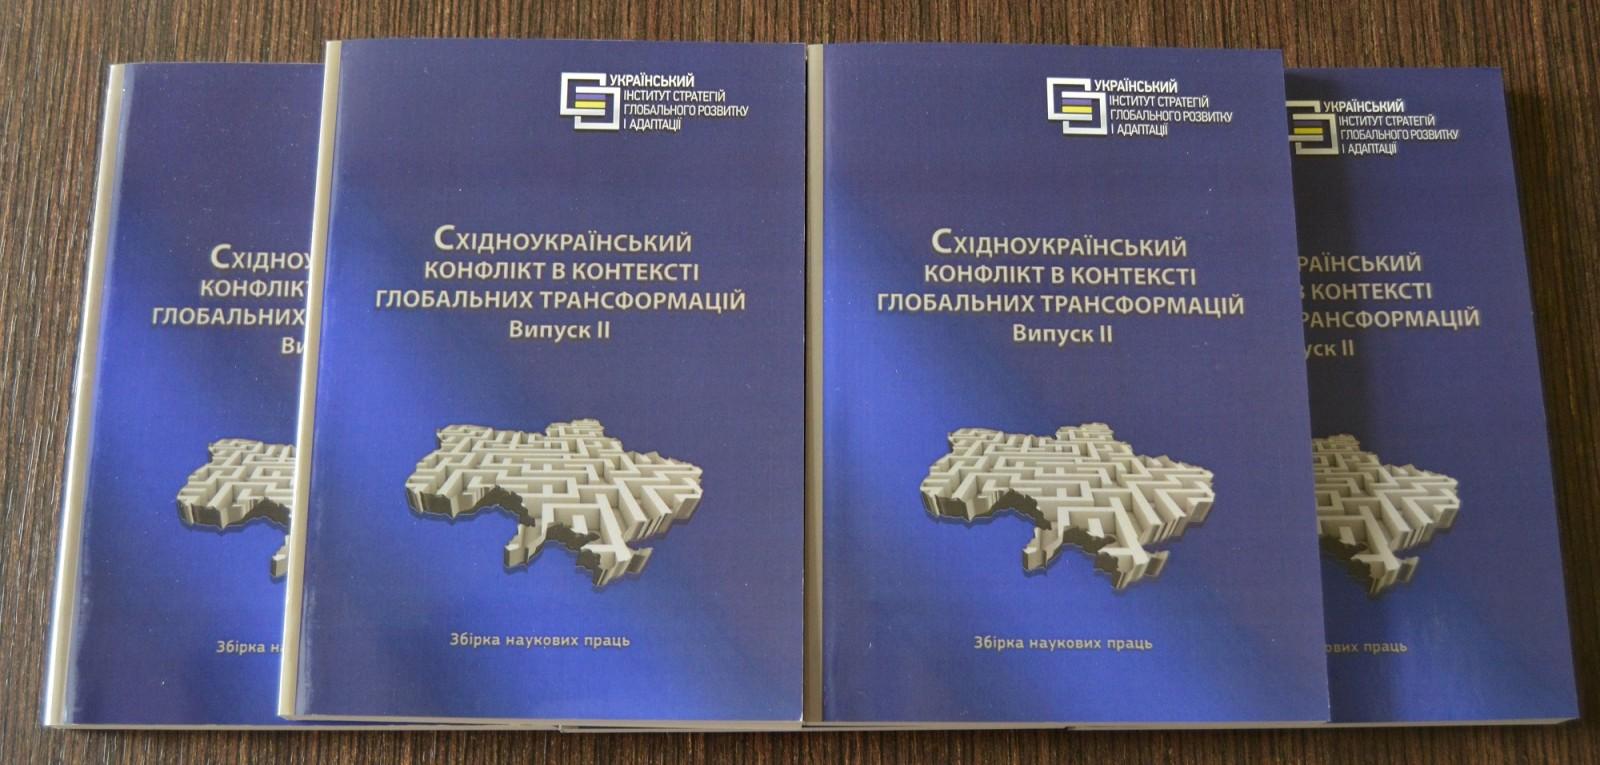 УИСГРА издал второй сборник статей о конфликте на Донбассе